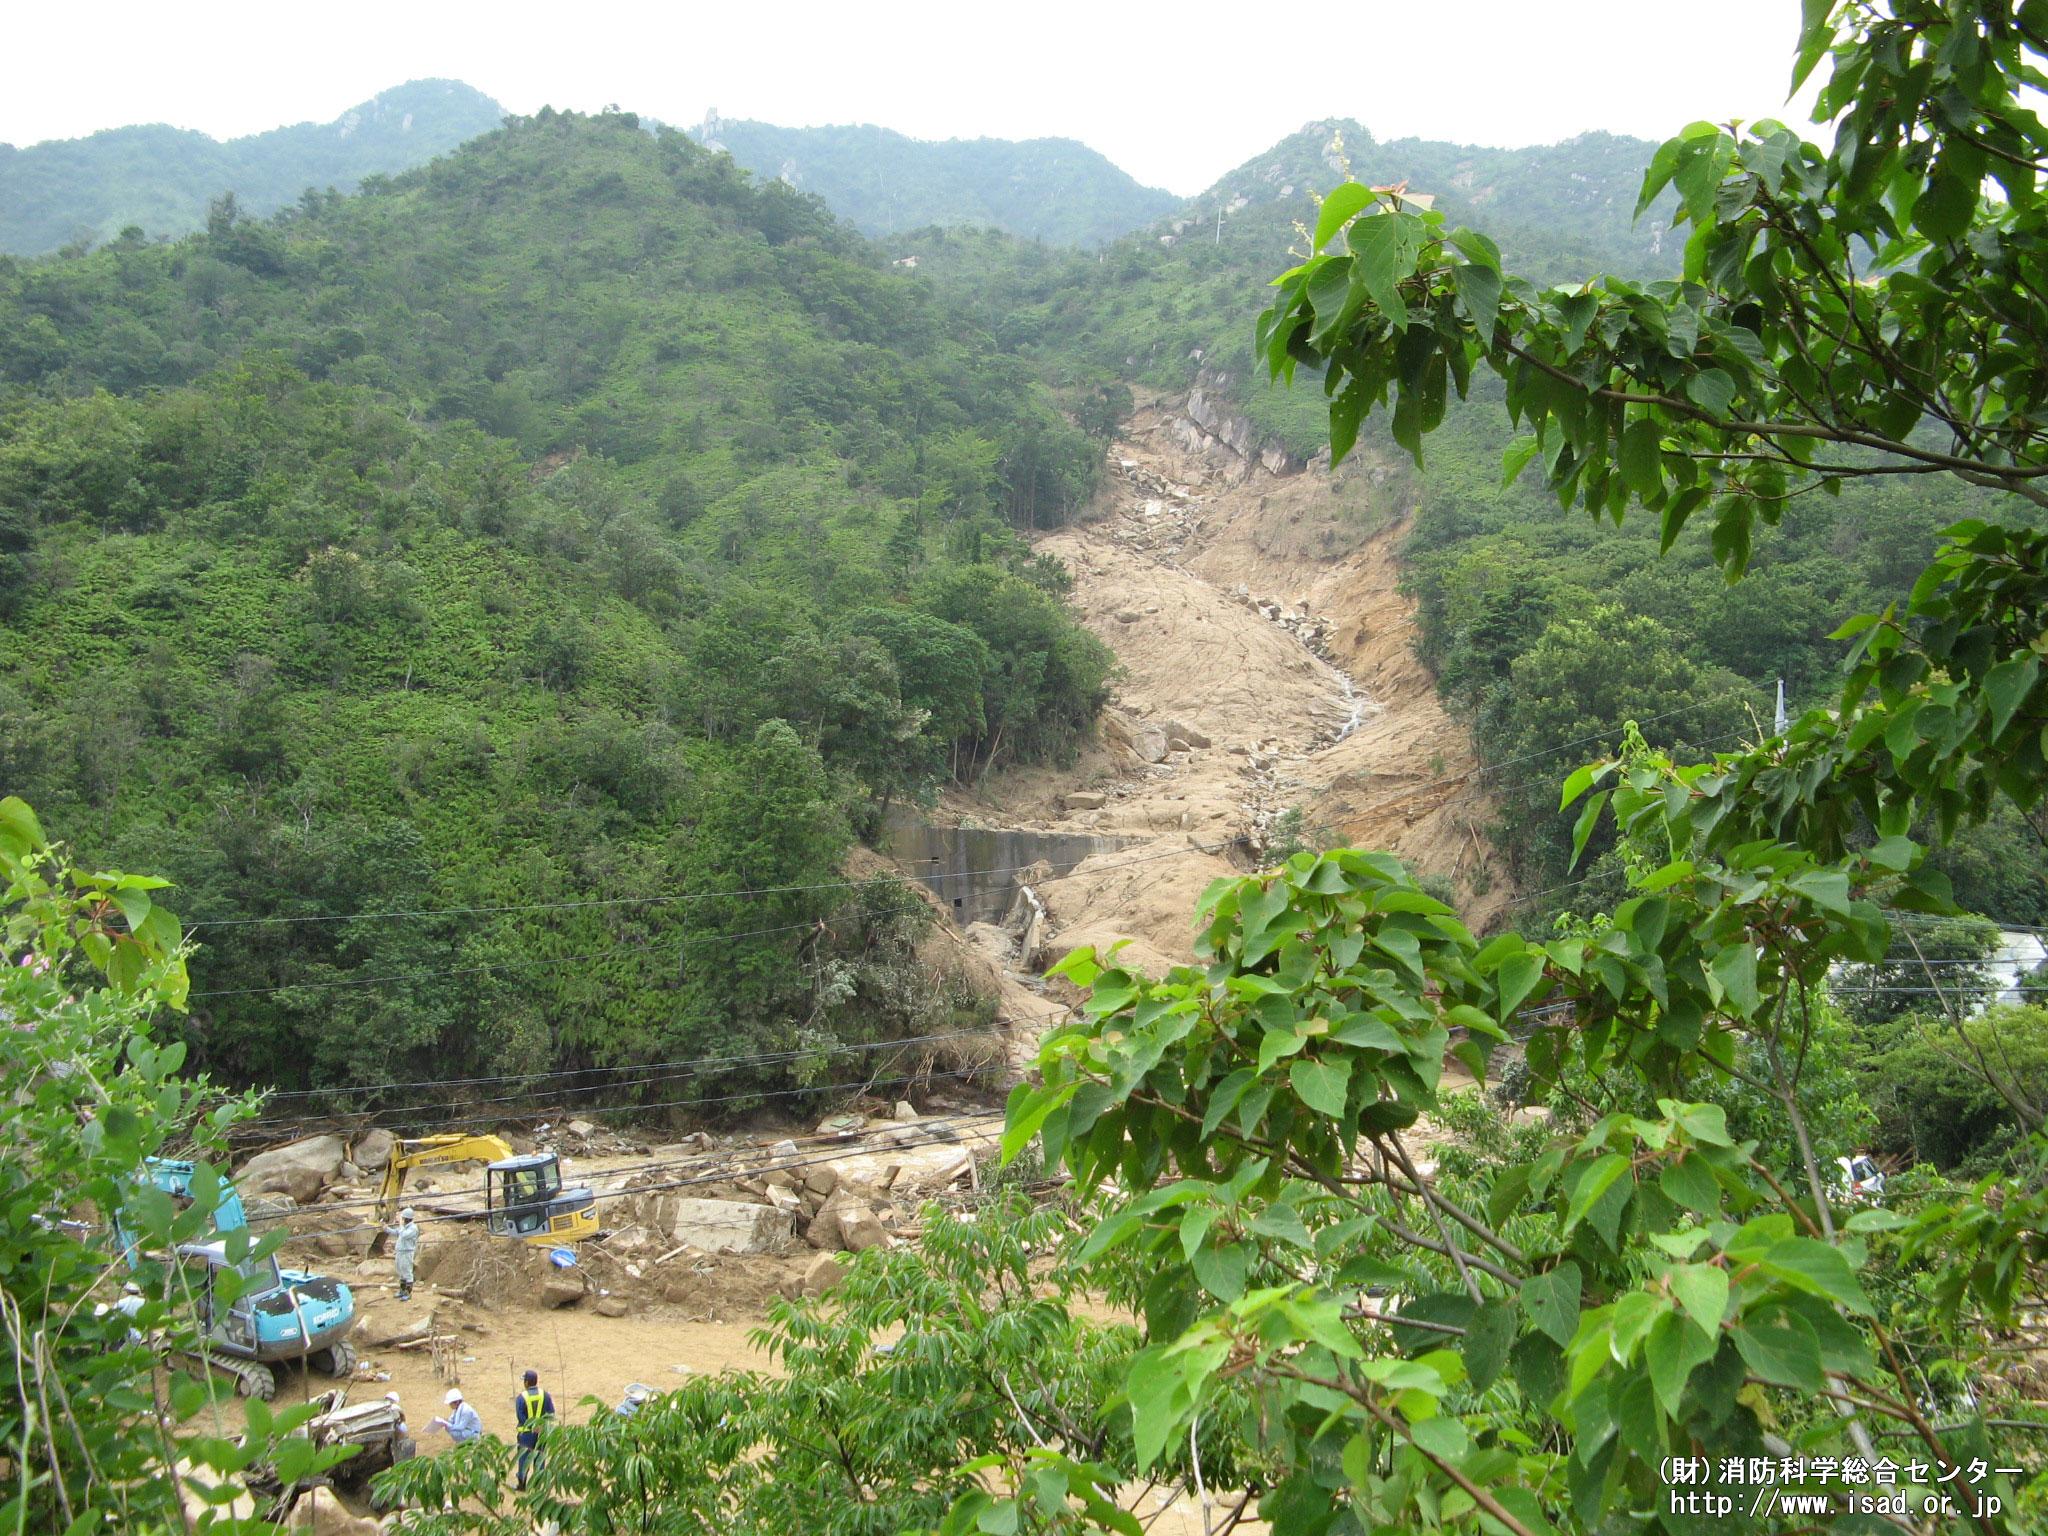 土砂災害の危険性